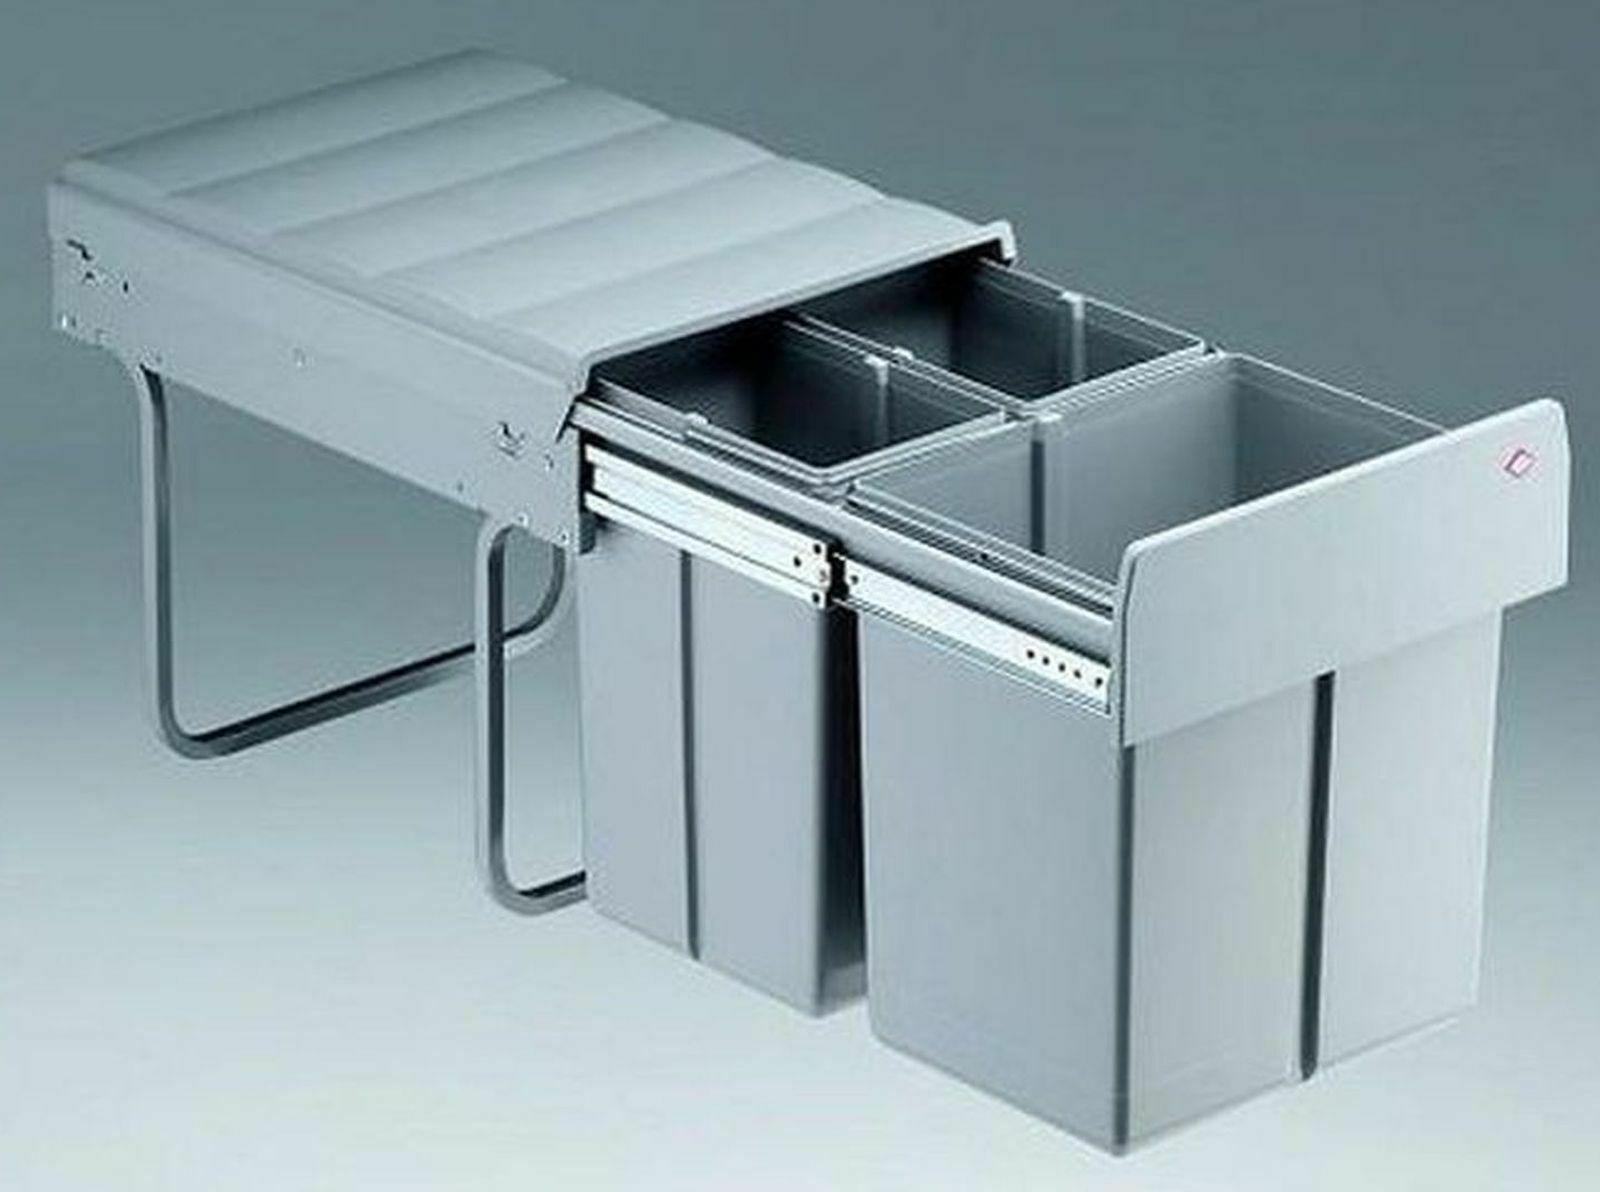 Küchen Mülleimer Abfalleimer 19 Liter Mülltrennung Wesco Müllsystem Trio  *19